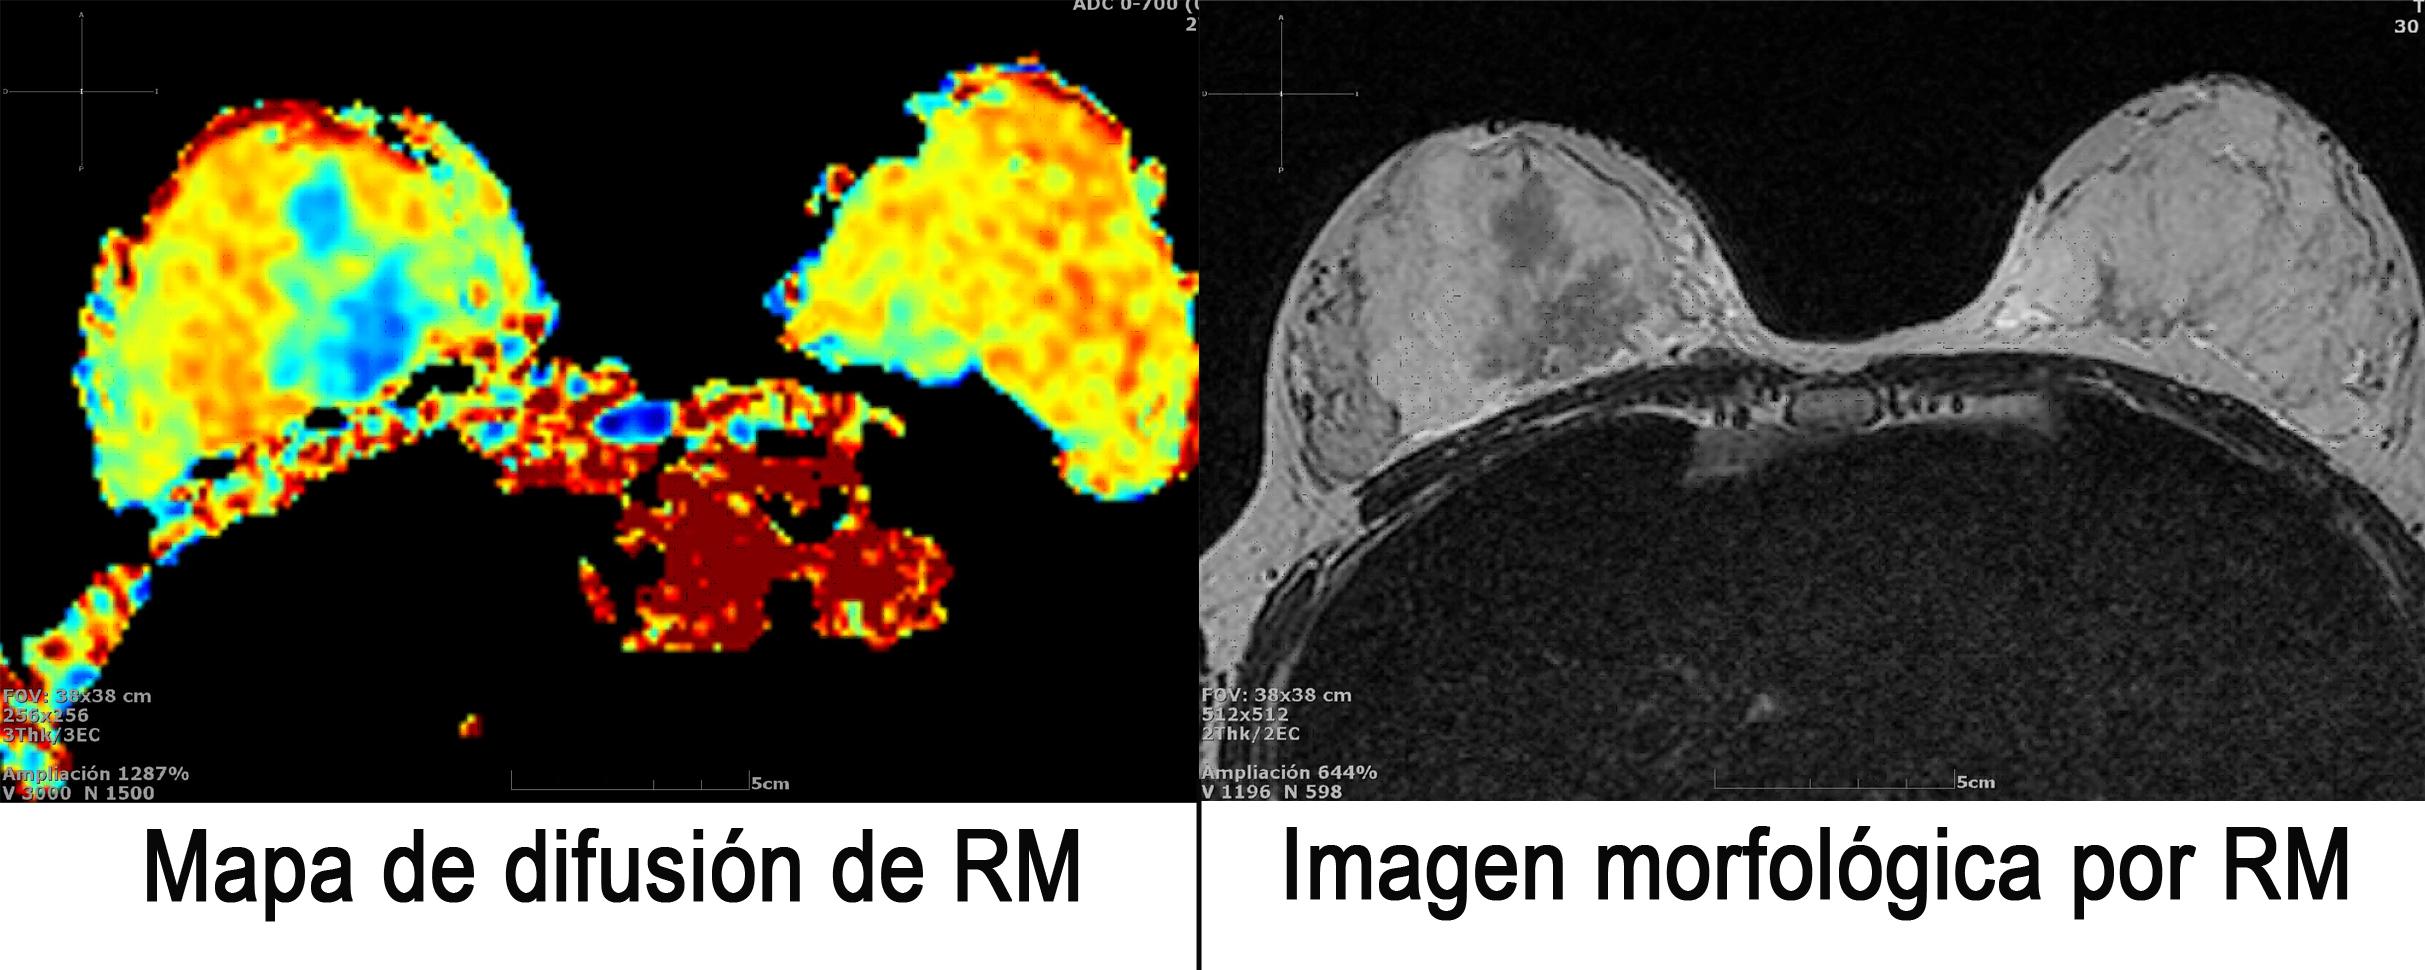 Mapa de difusión e imagen morfológica por RM